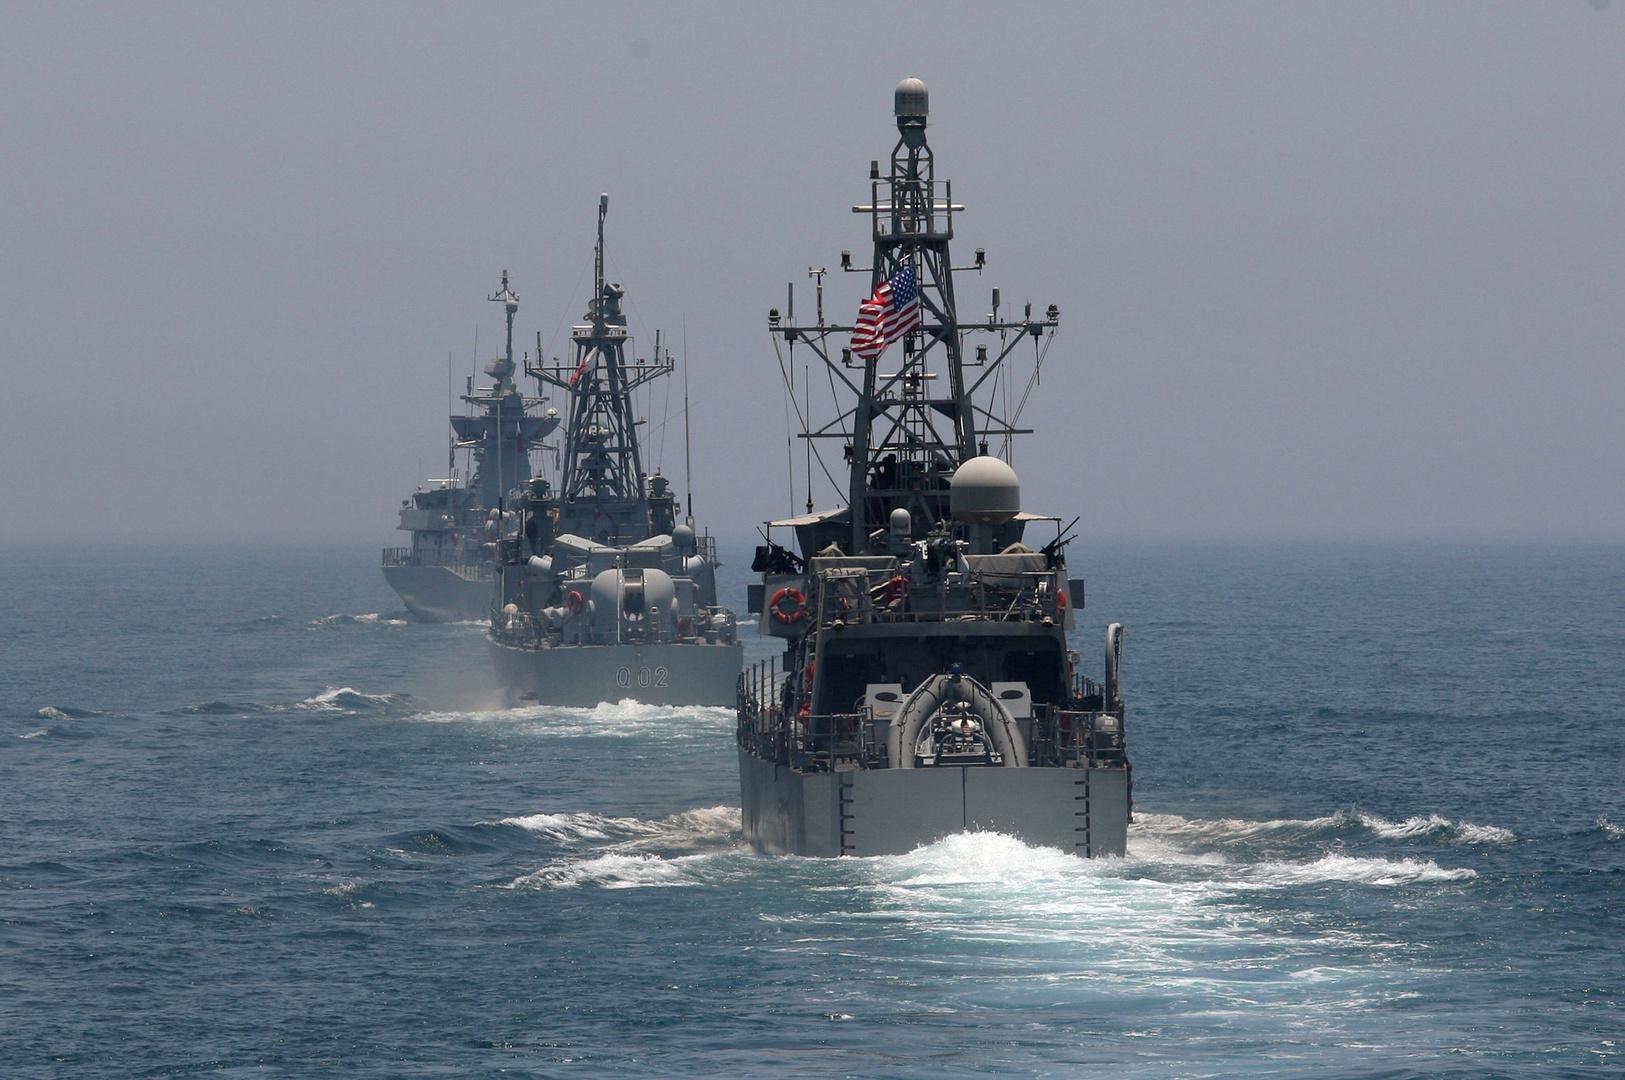 سفن حربية أمريكية في مياه الخليج (أرشيف).